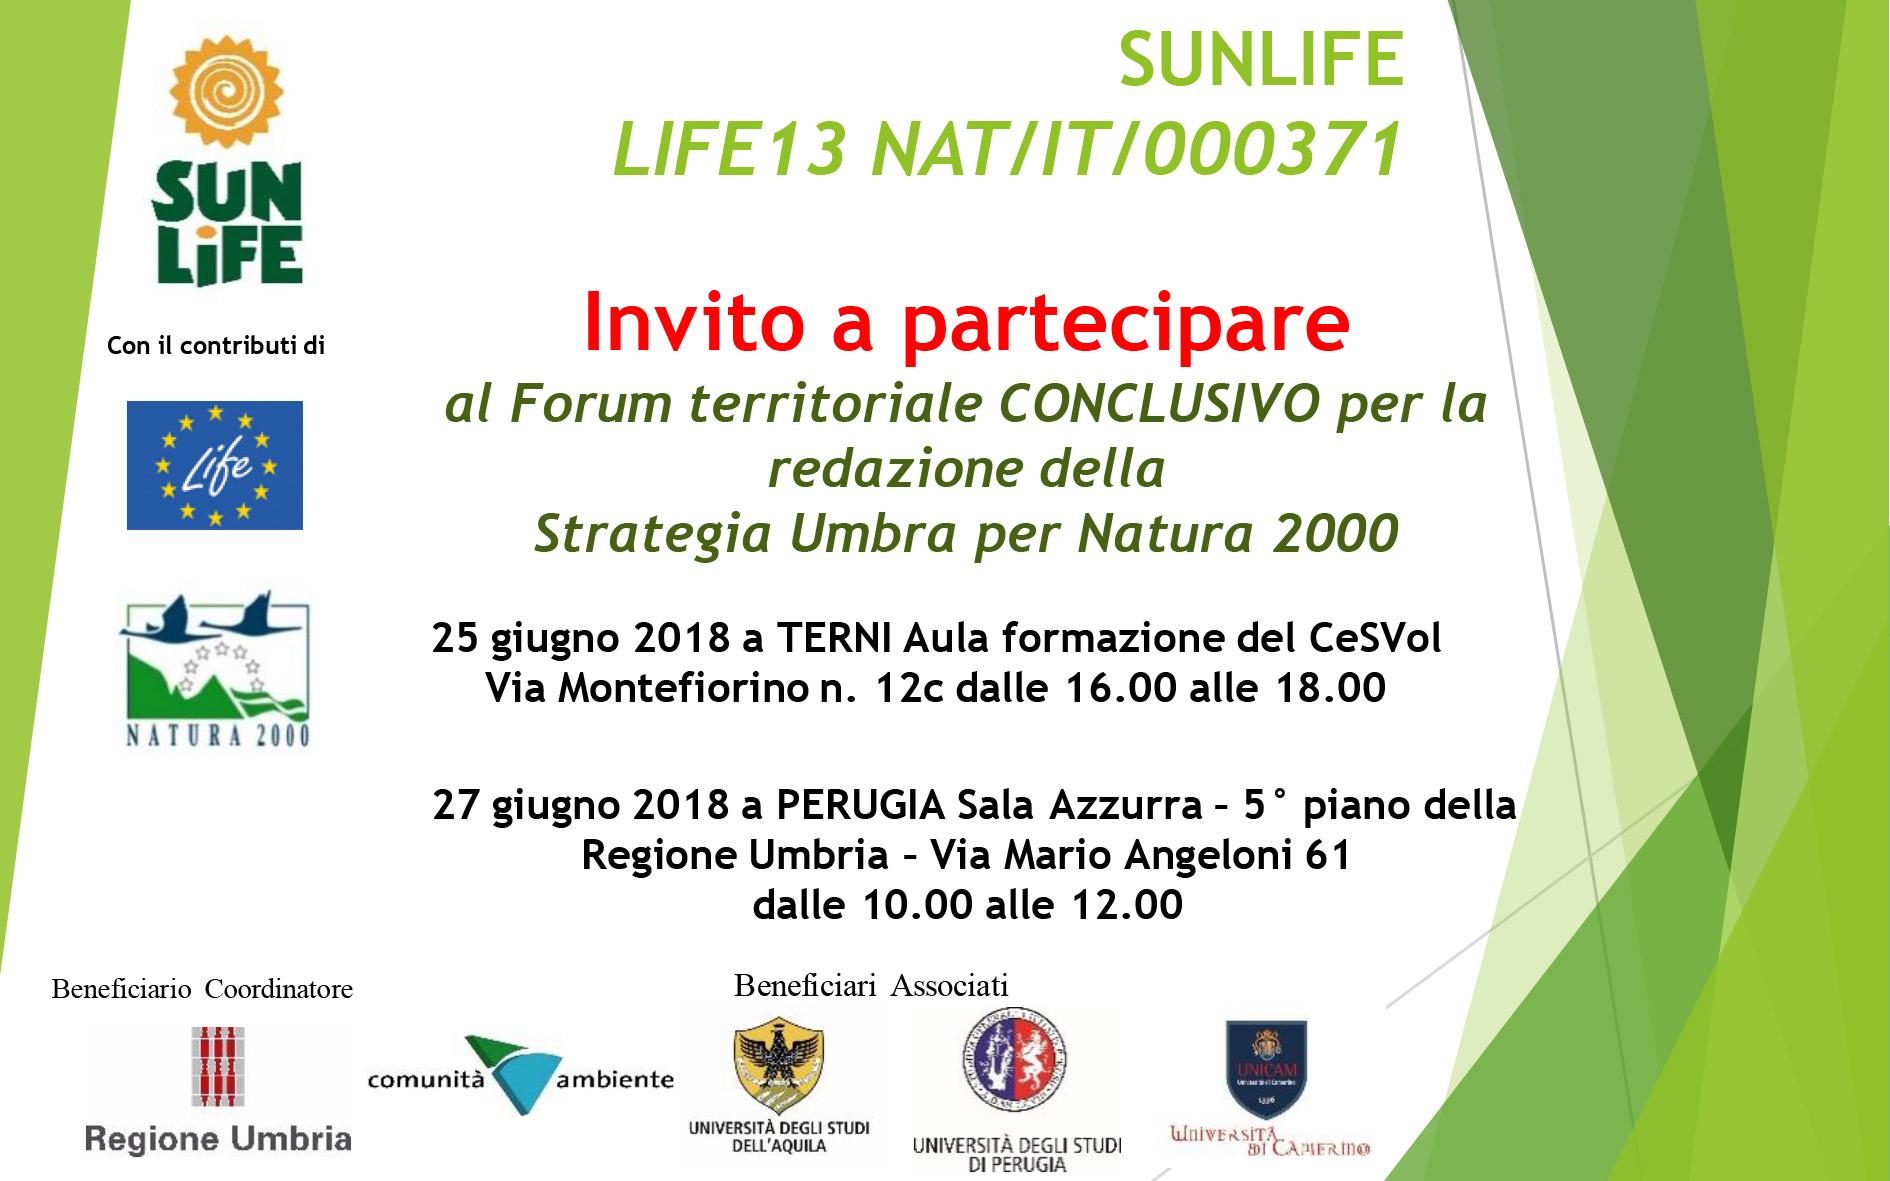 Invito_forum_territoriali_conclusivi_TR_PG__giugno2018.jpg